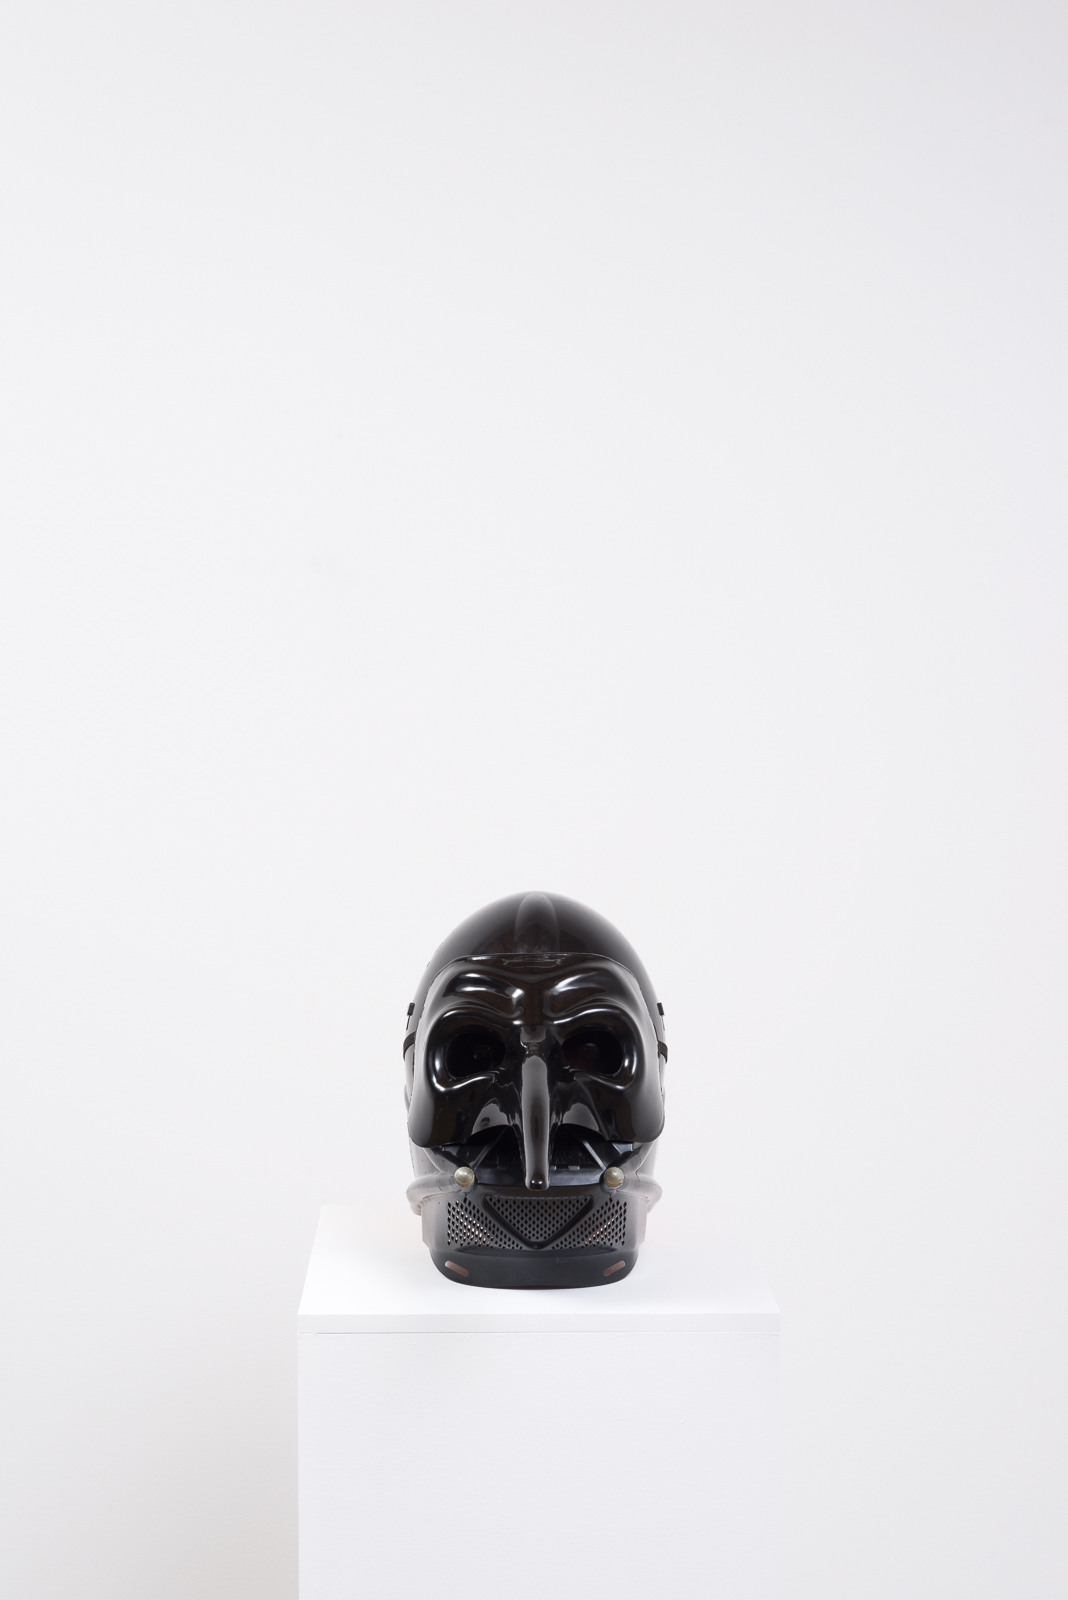 Pumpkin in a Mask in a Mask, 2017  Foam pumpkin, plastic masks, pedestal